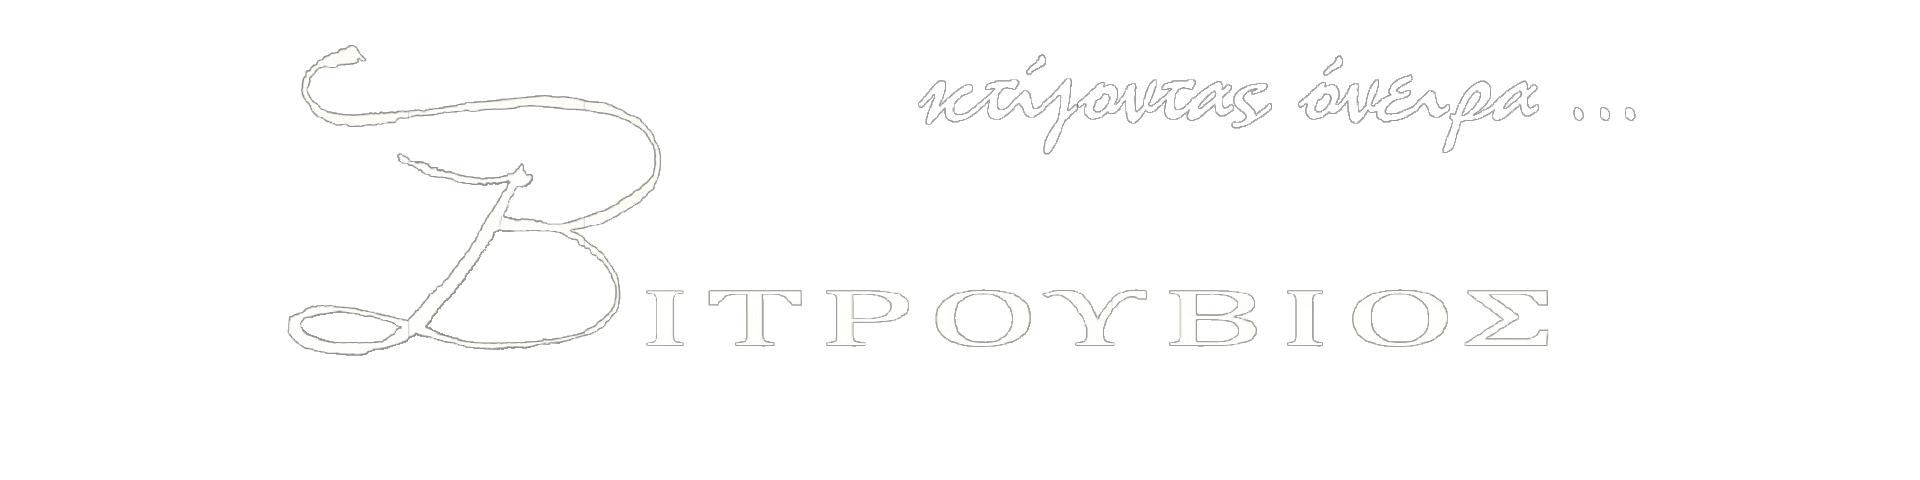 Βιτρούβιος μελετητική – κατασκευαστική εταιρεία στο Ηράκλειο Κρήτης